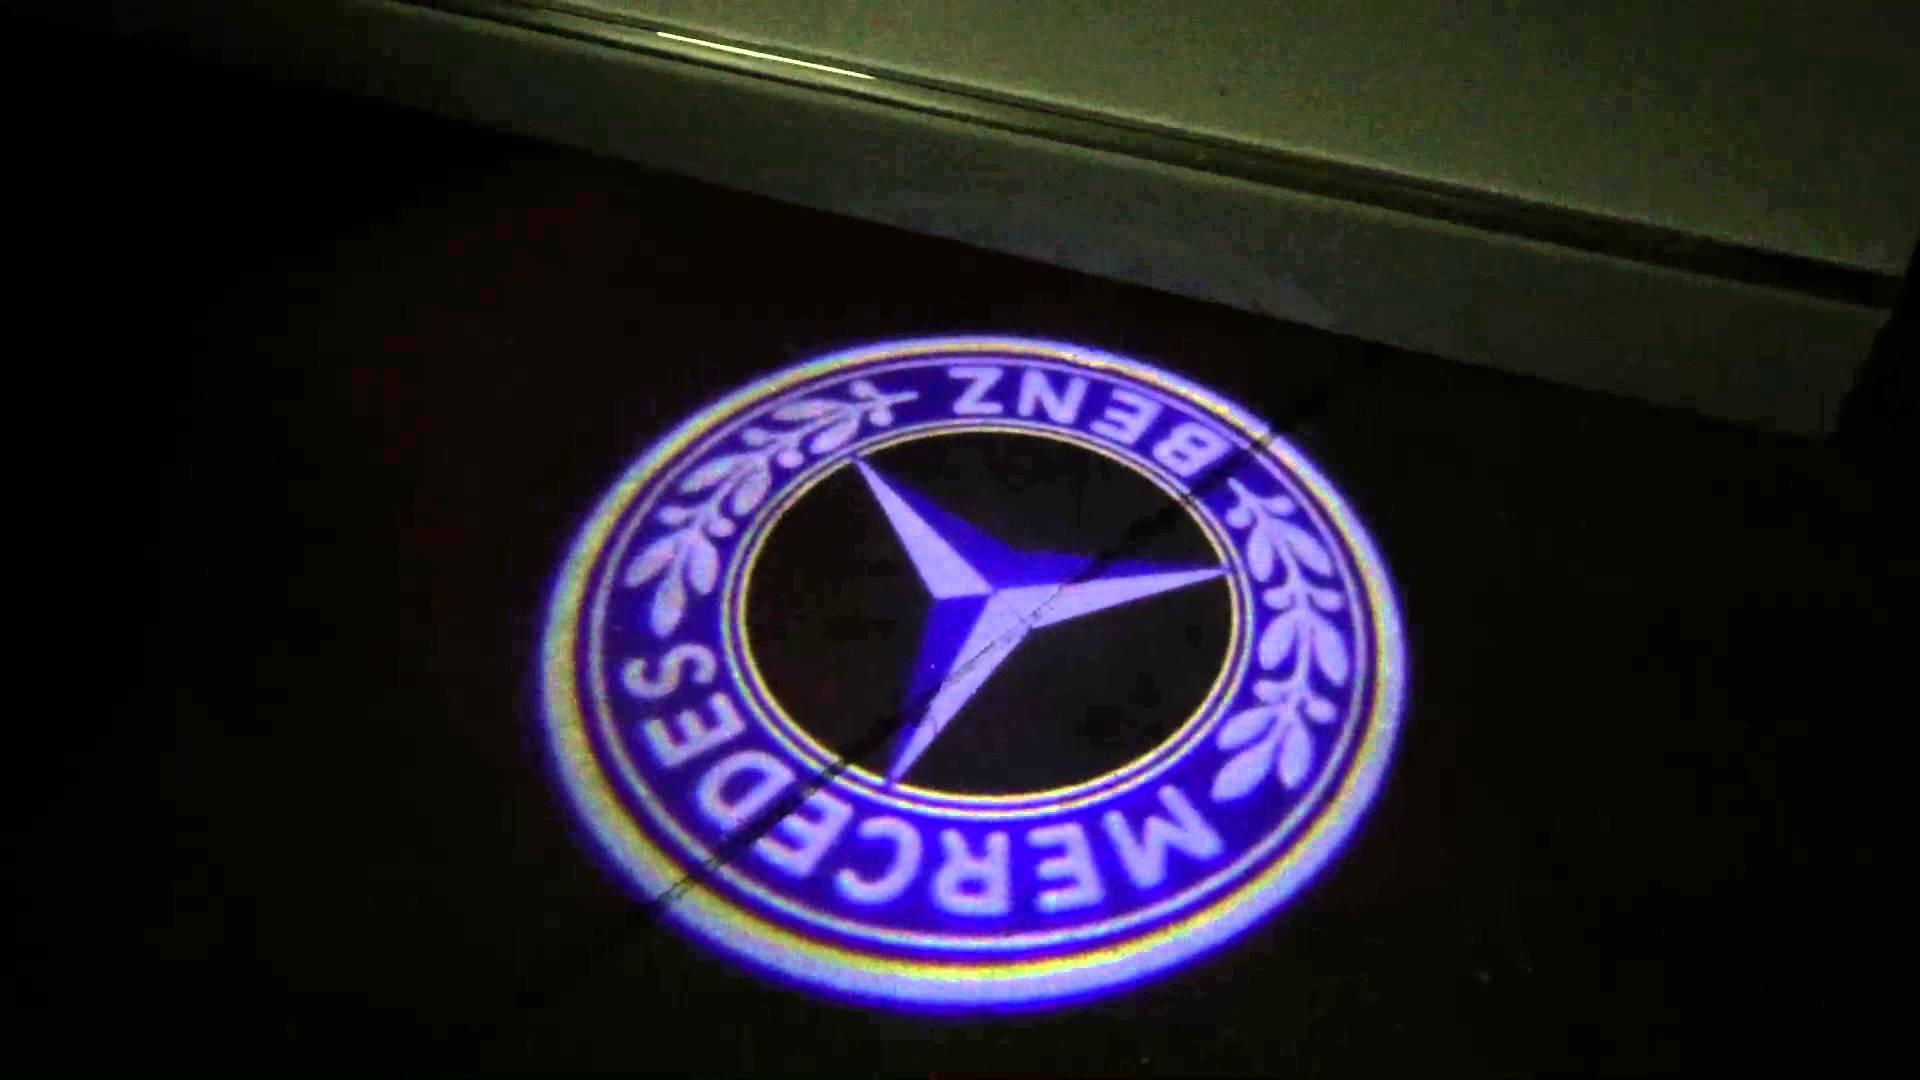 Mercedes Benz Light Up Logos